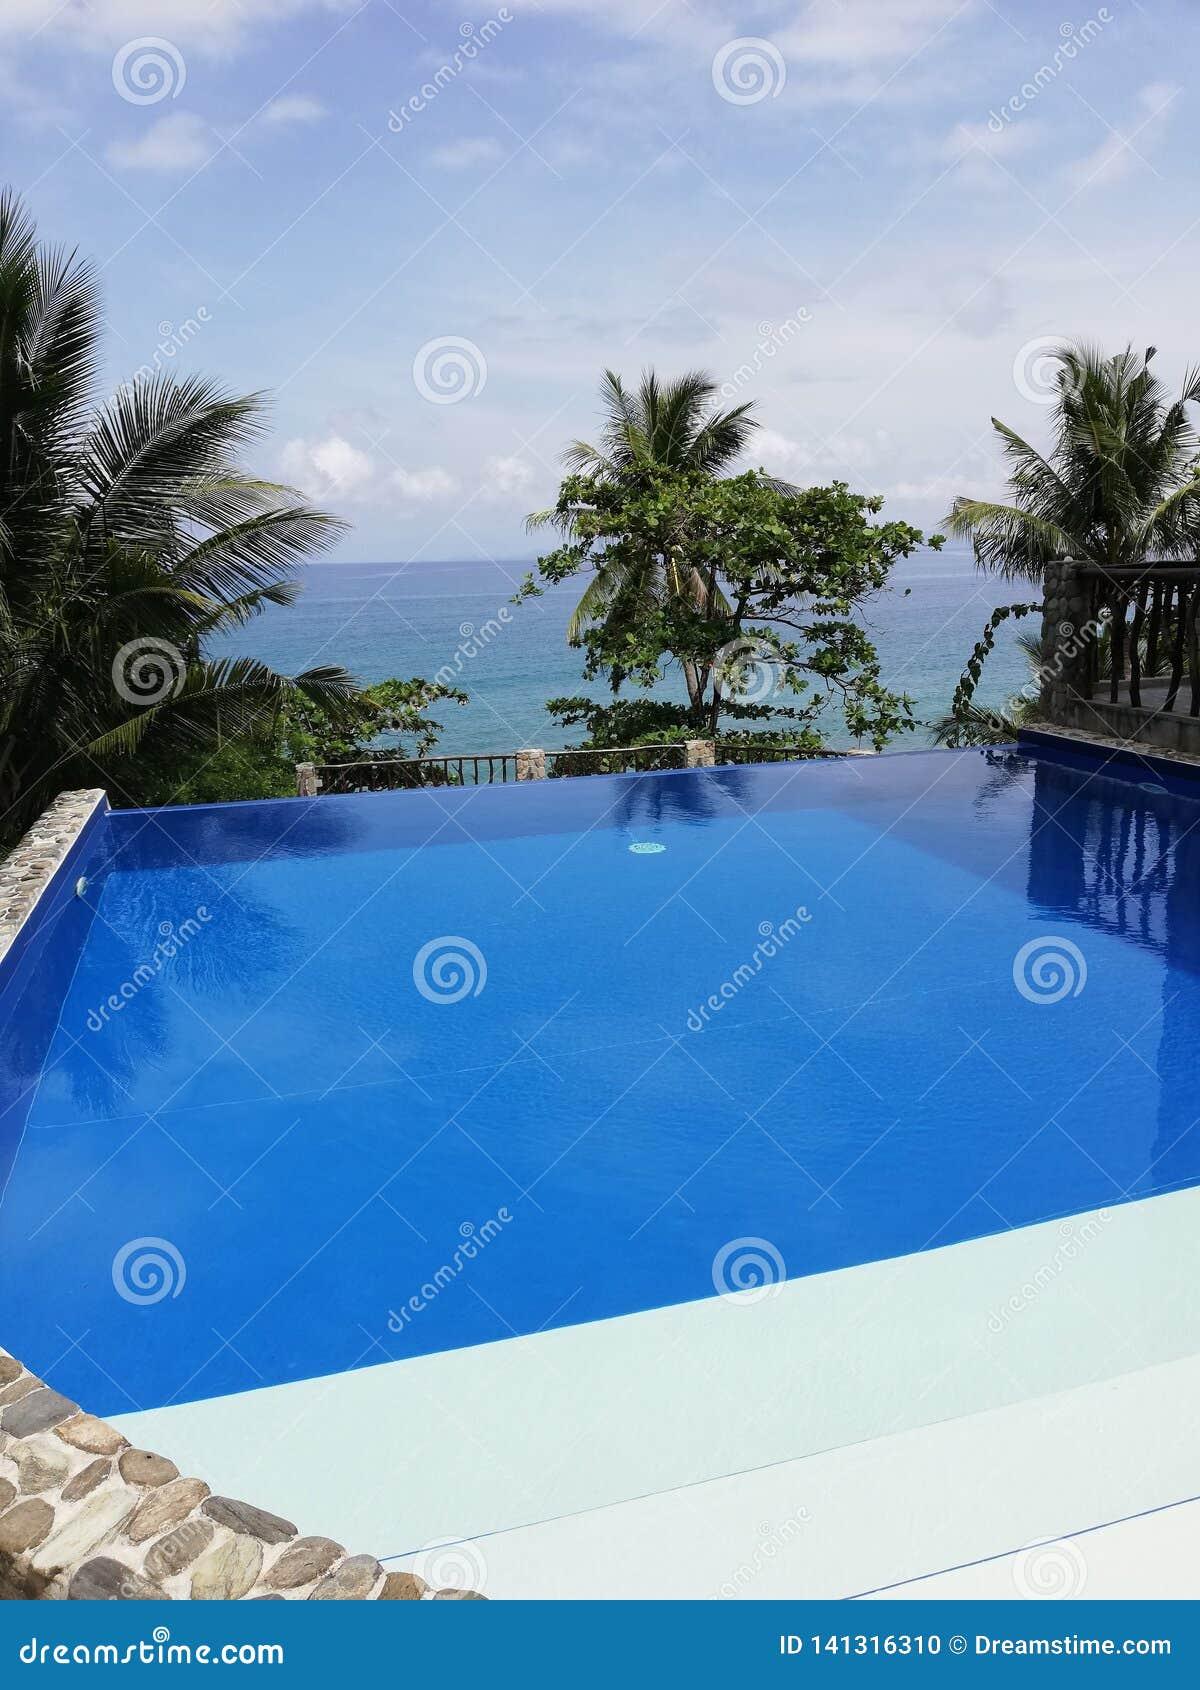 Piscina del infinito con vista del mar chino tropical en Mindoro, Filipinas